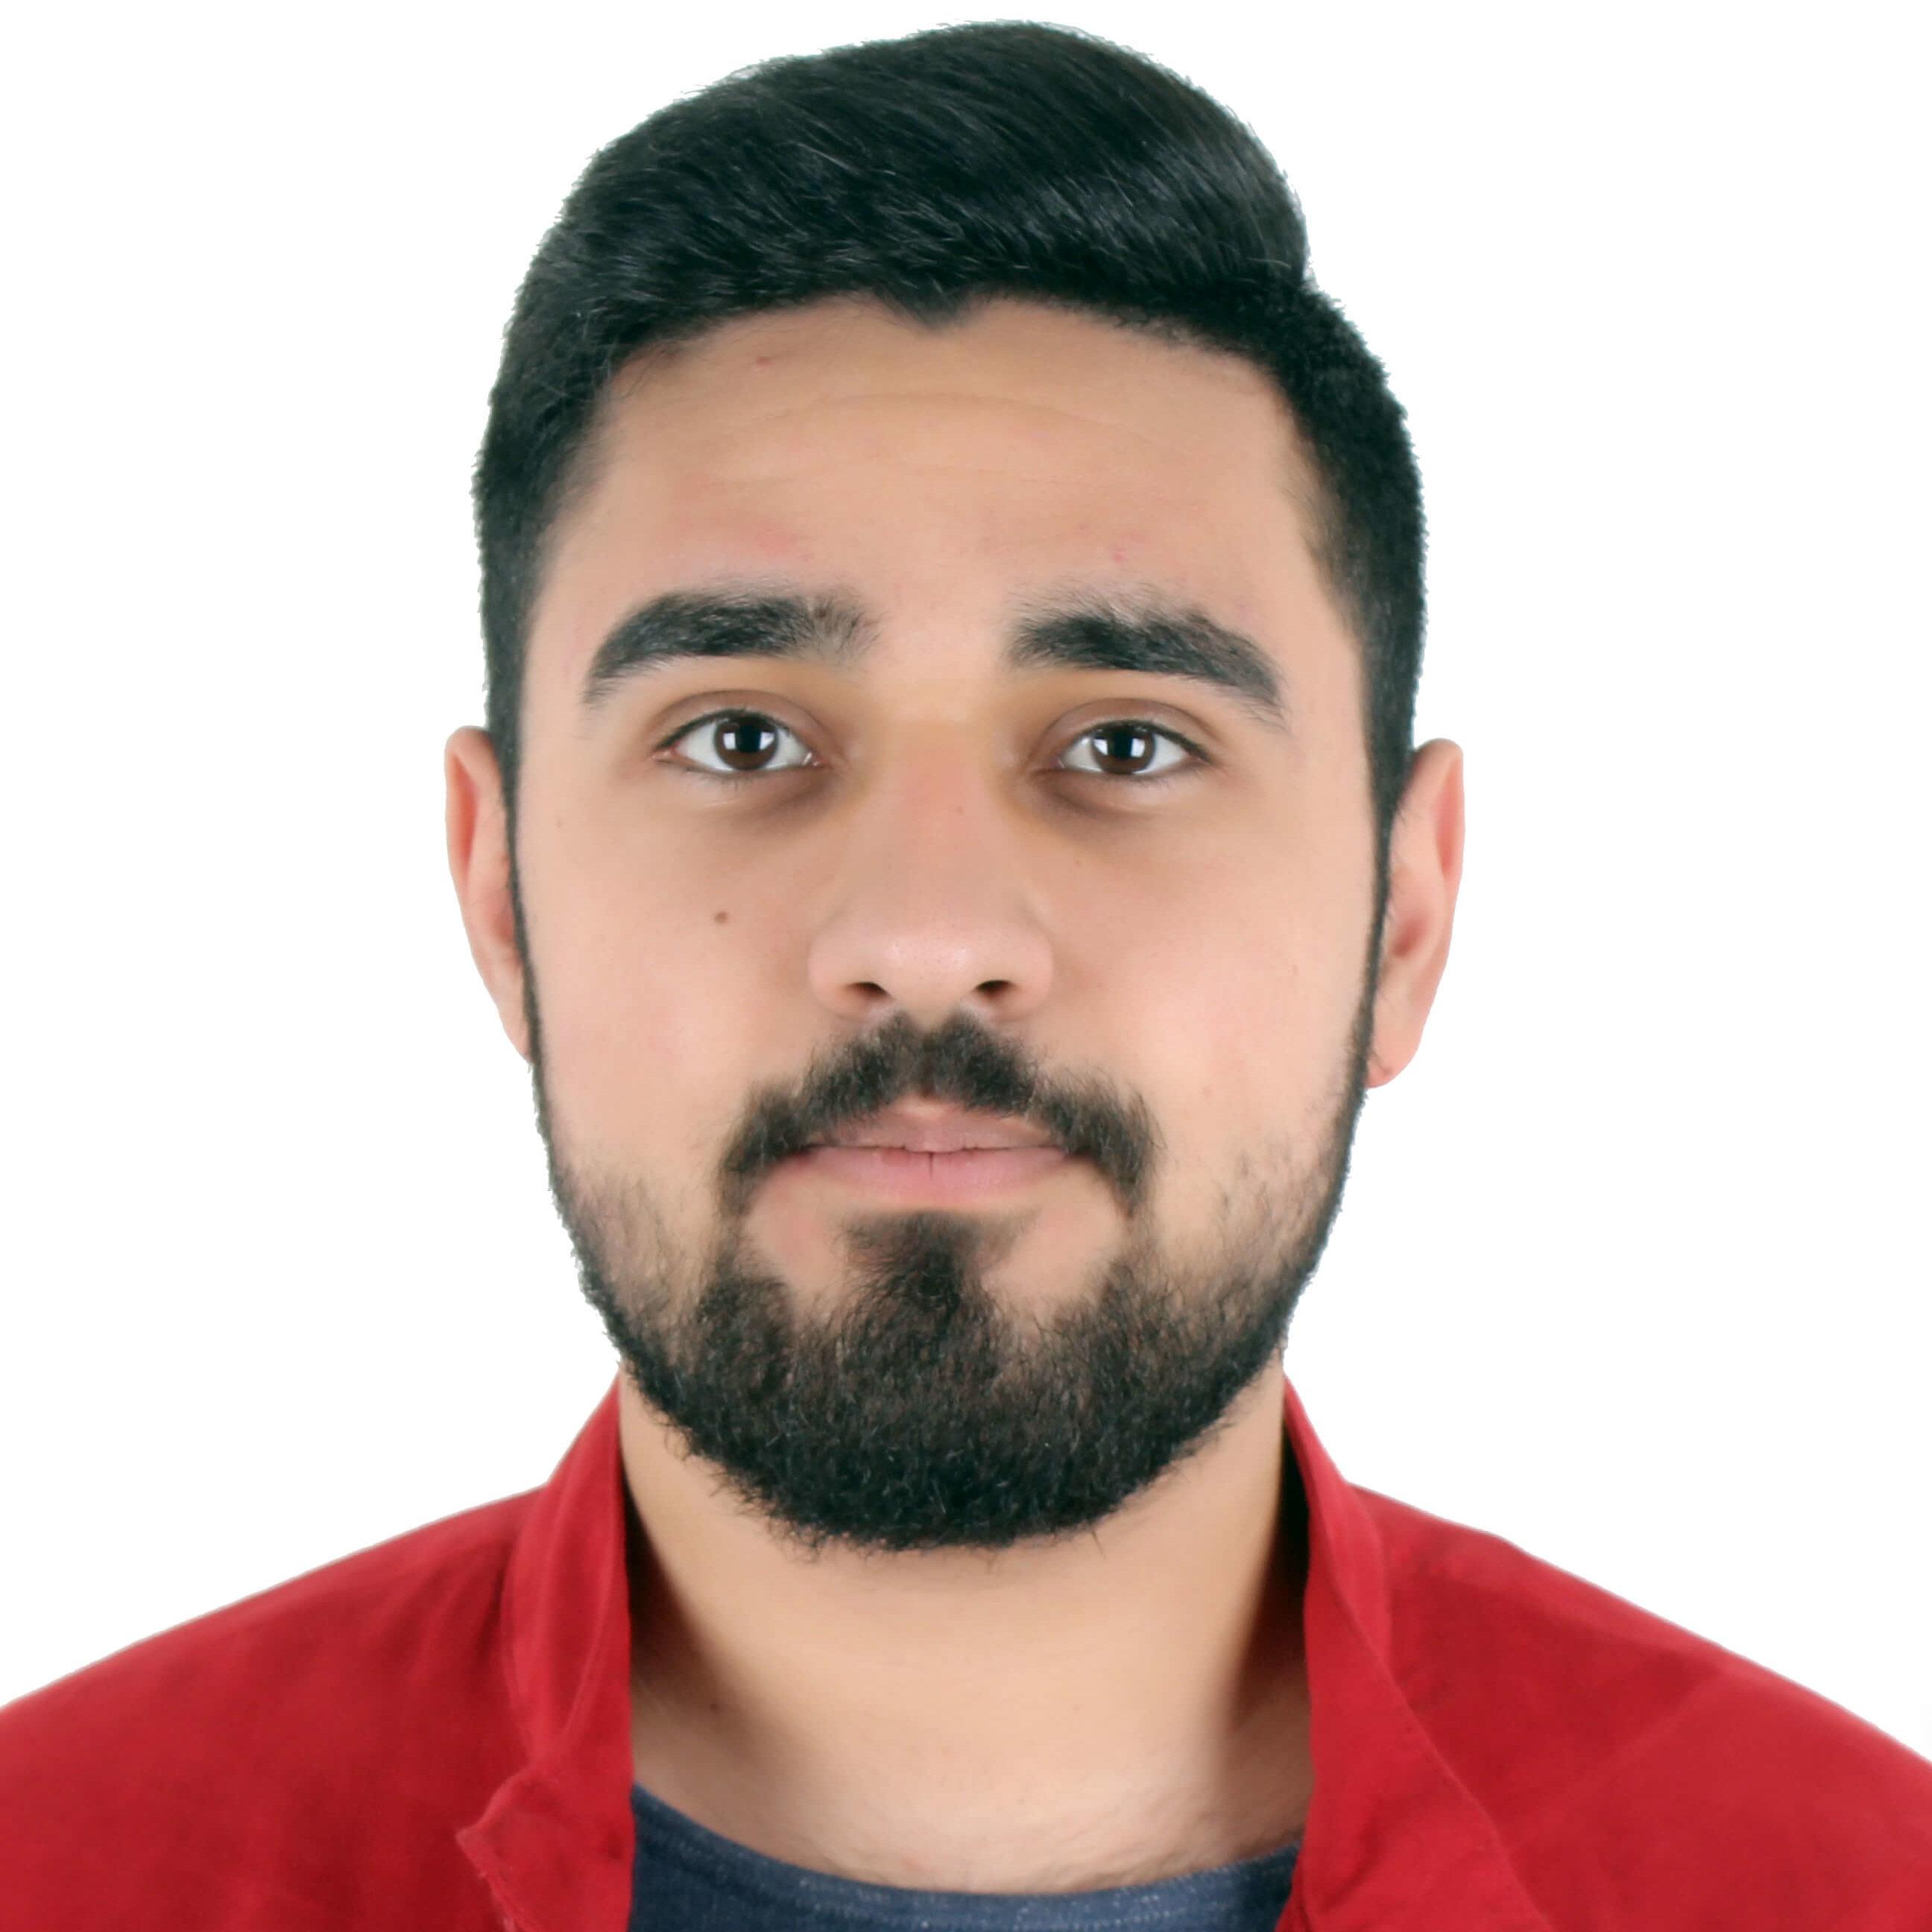 B8586314-B190-495C-8587-ECAE3E8EFB07 – Ahmad Atroshi